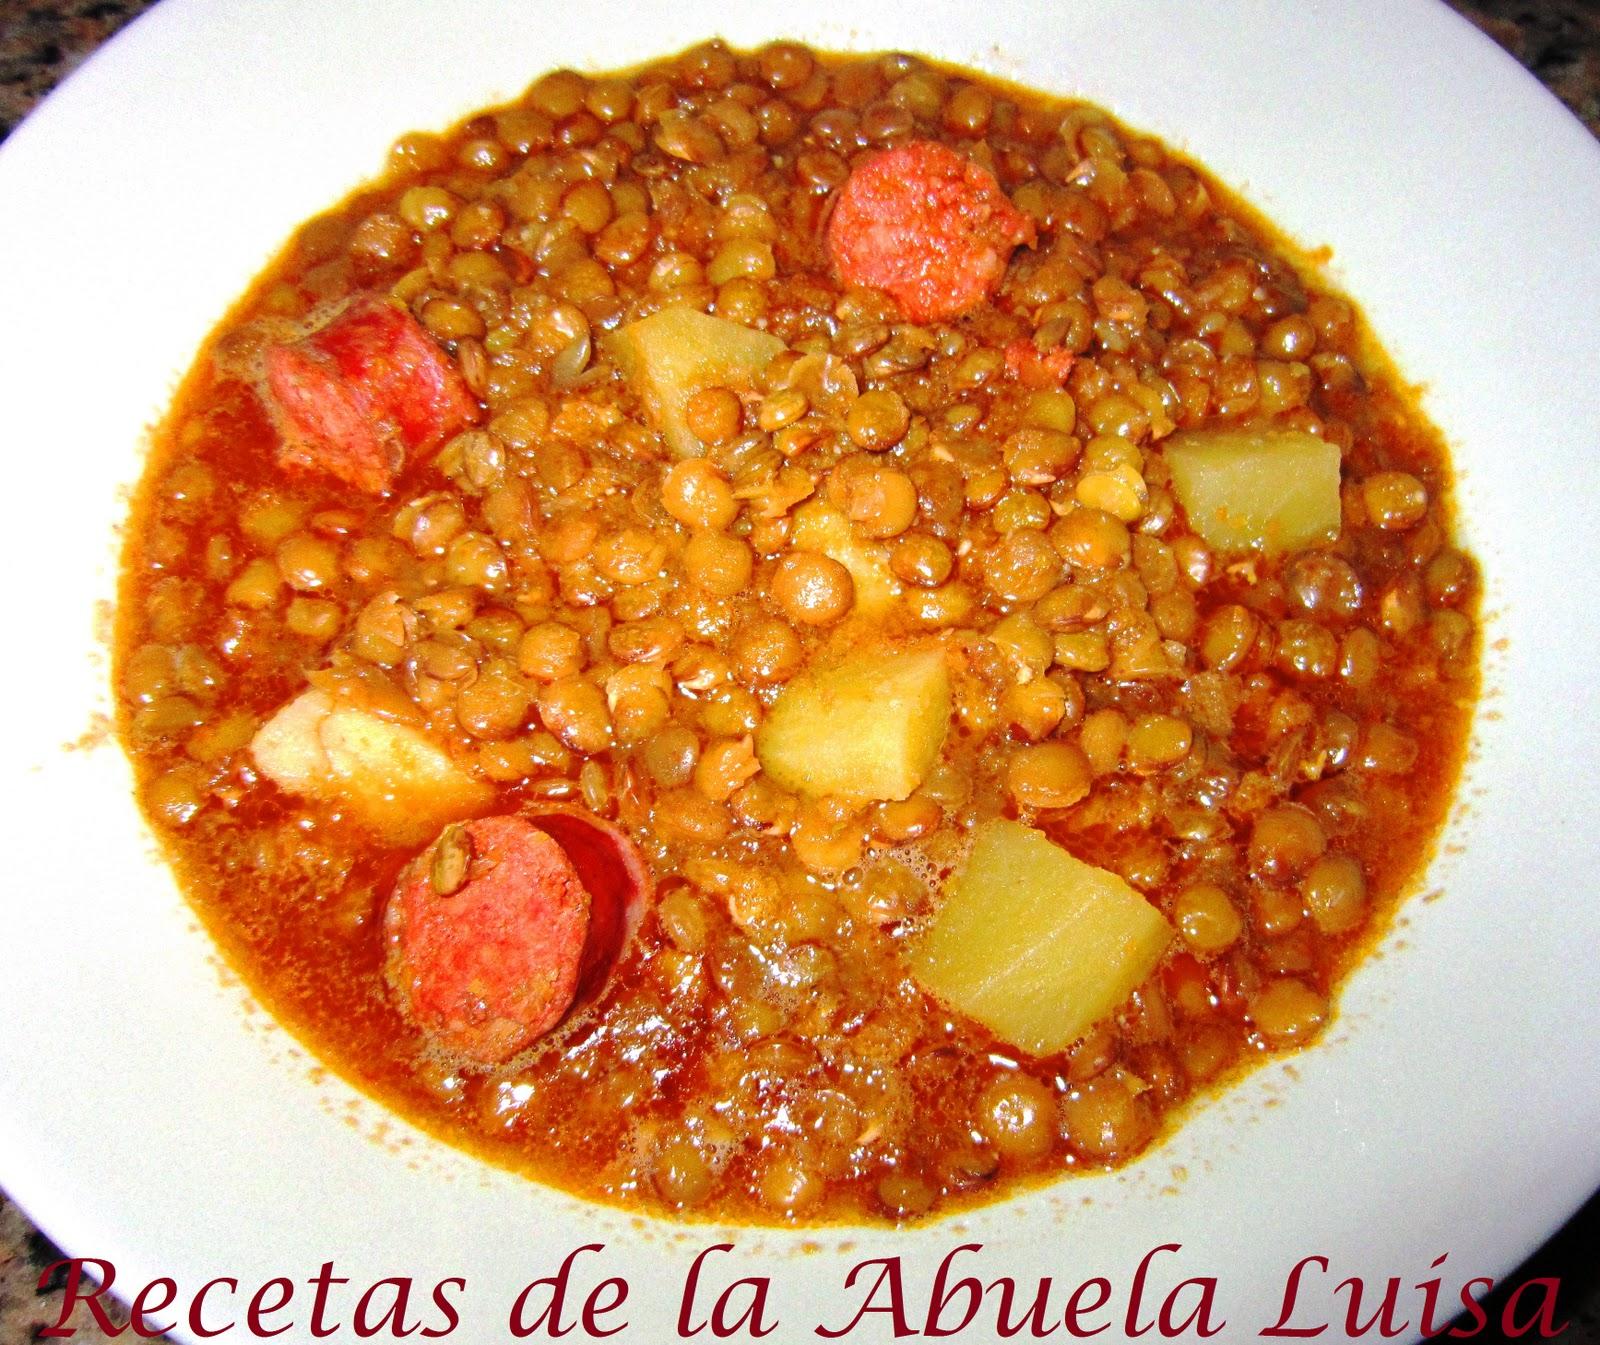 Lentejas con chorizo recetas de la abuela luisa - Lentejas con costillas y patatas ...